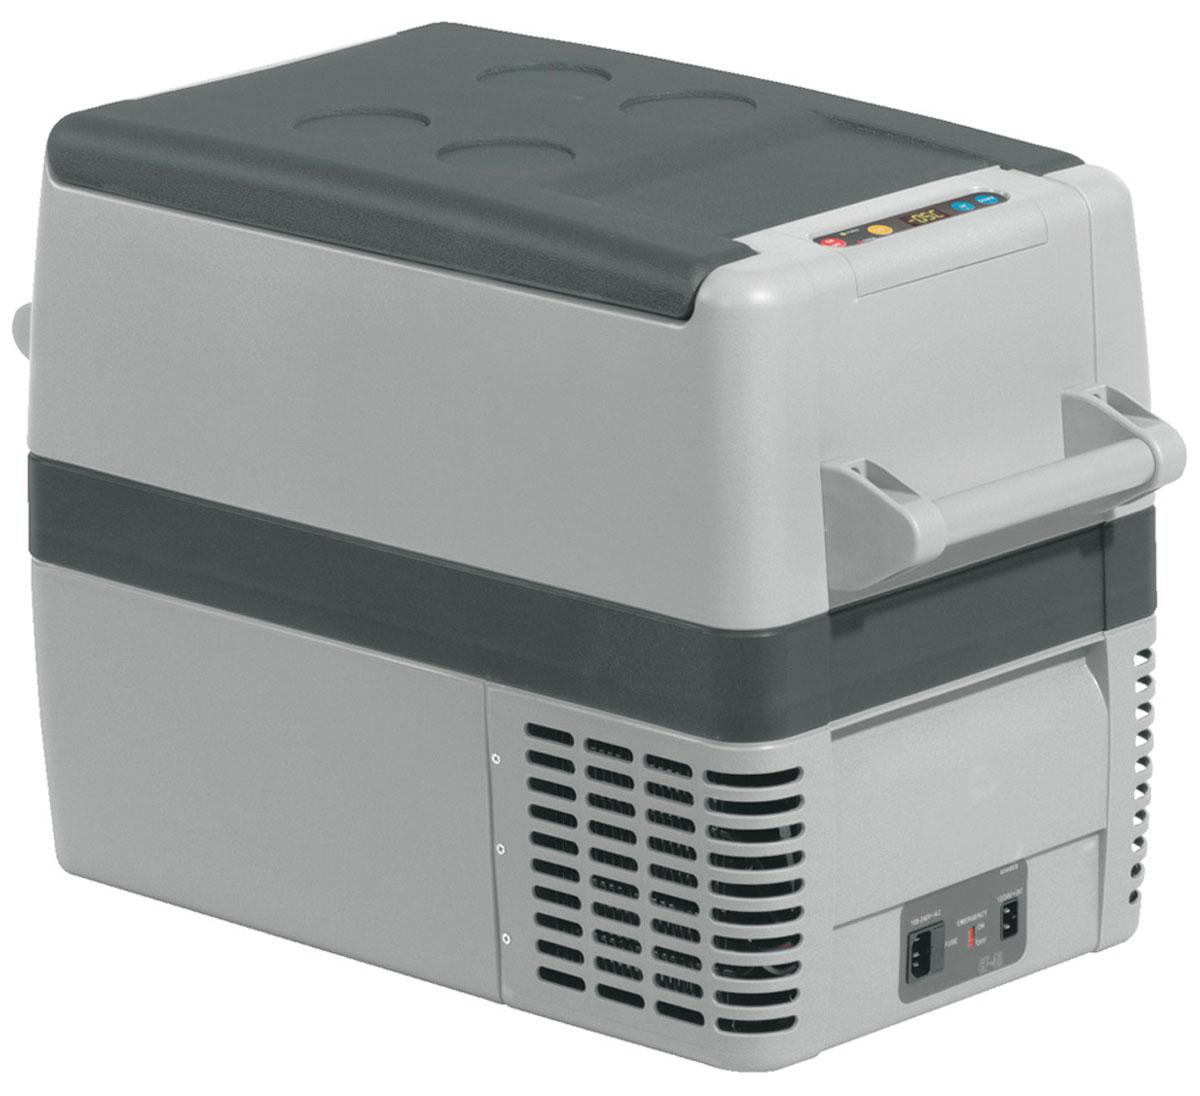 Автомобильный компрессорный холодильник Waeco CoolFreeze CF-40 АС предназначен для эксплуатации на отдыхе, в походах или путешествиях. Он оснащен уникальным маленьким герметичным компрессором переменного тока. Производителем также предусмотрена специальная защитная система от перепадов напряжения.Автомобильные холодильники от компании Waeco эффективно работают в любое время года, практичны и удобны в эксплуатации, а также отличаются прочностью и долговечностью.Быстрое охлаждение3-х ступенчатое защитное релеВнутреннее освещениеСъемная крышкаОхлаждение: от +10 до -18°СВынимающаяся корзина